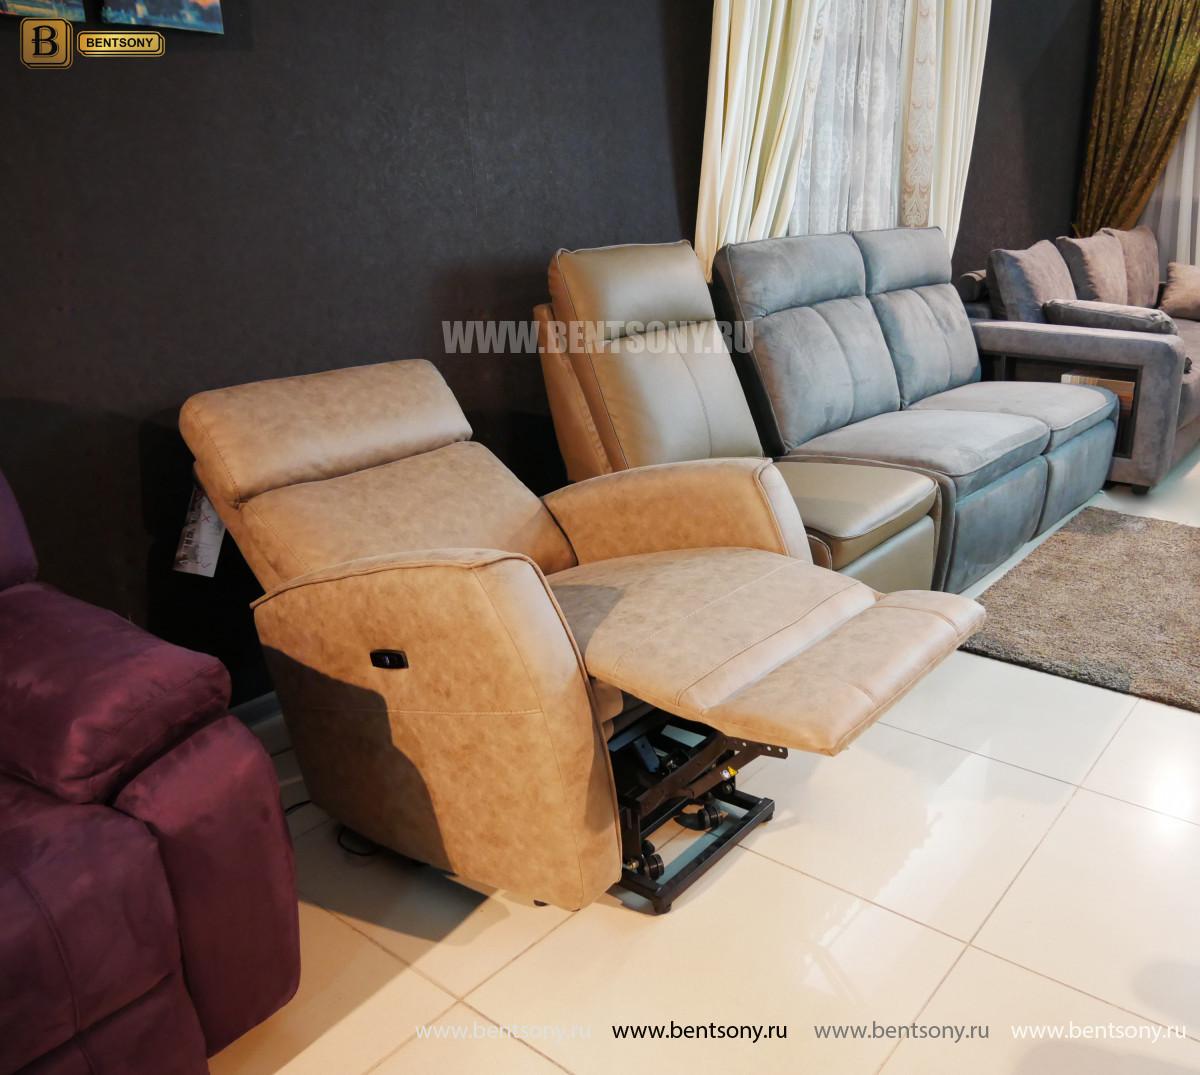 Специализированное Кресло Вестито с системой Лифт-ап, Электрореклайнер и подголовник купить